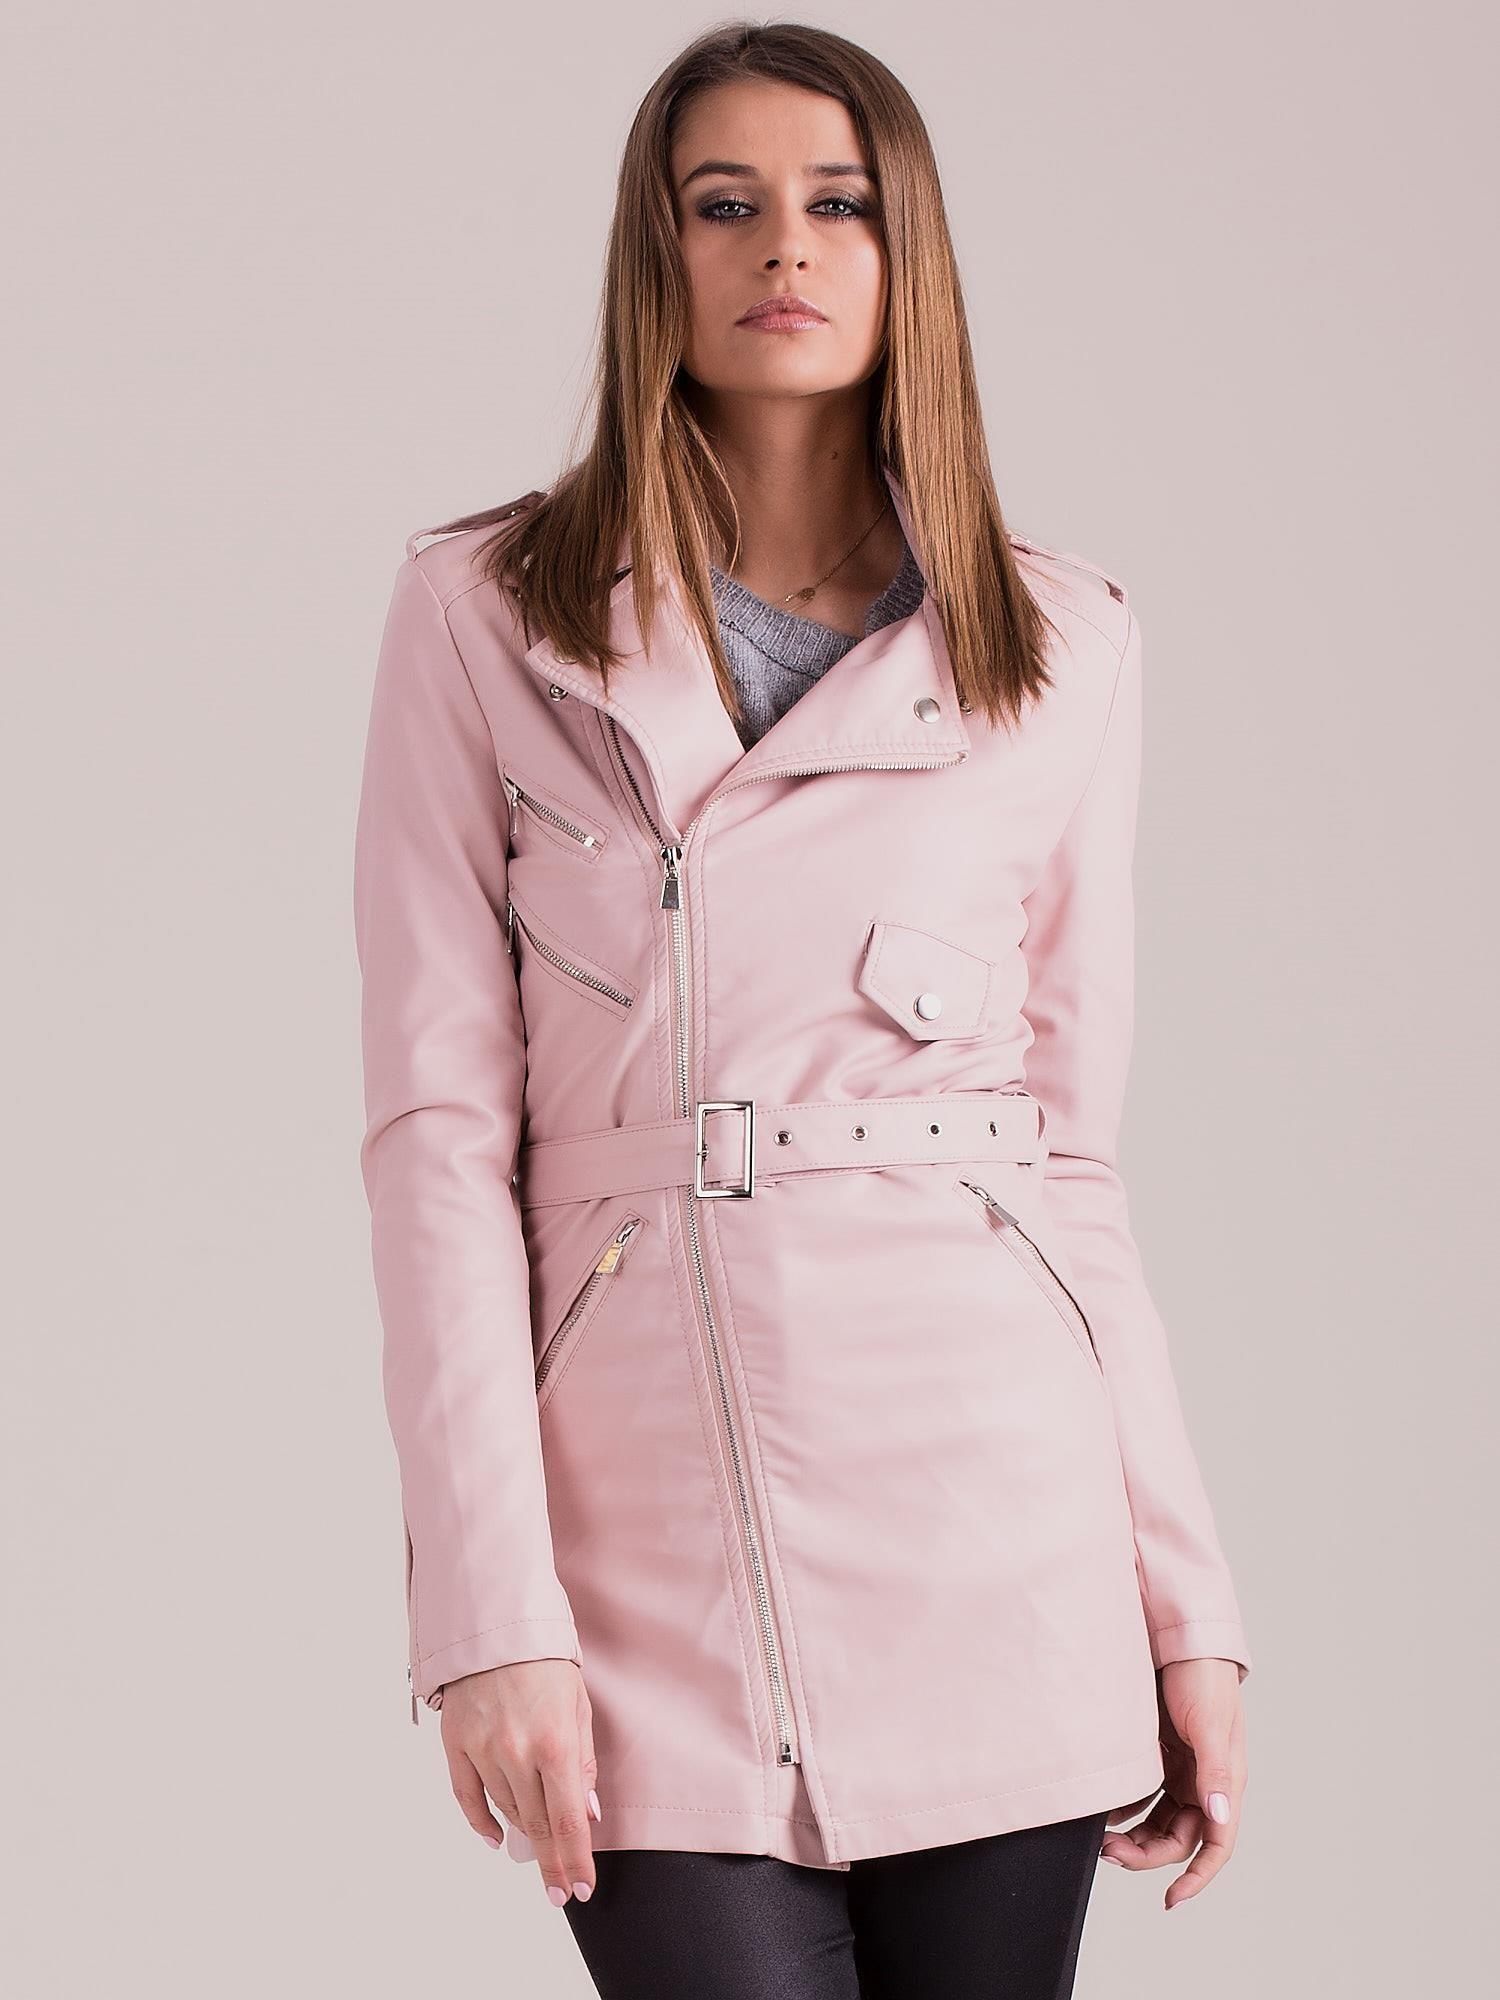 Světle růžová bunda z umělé kůže